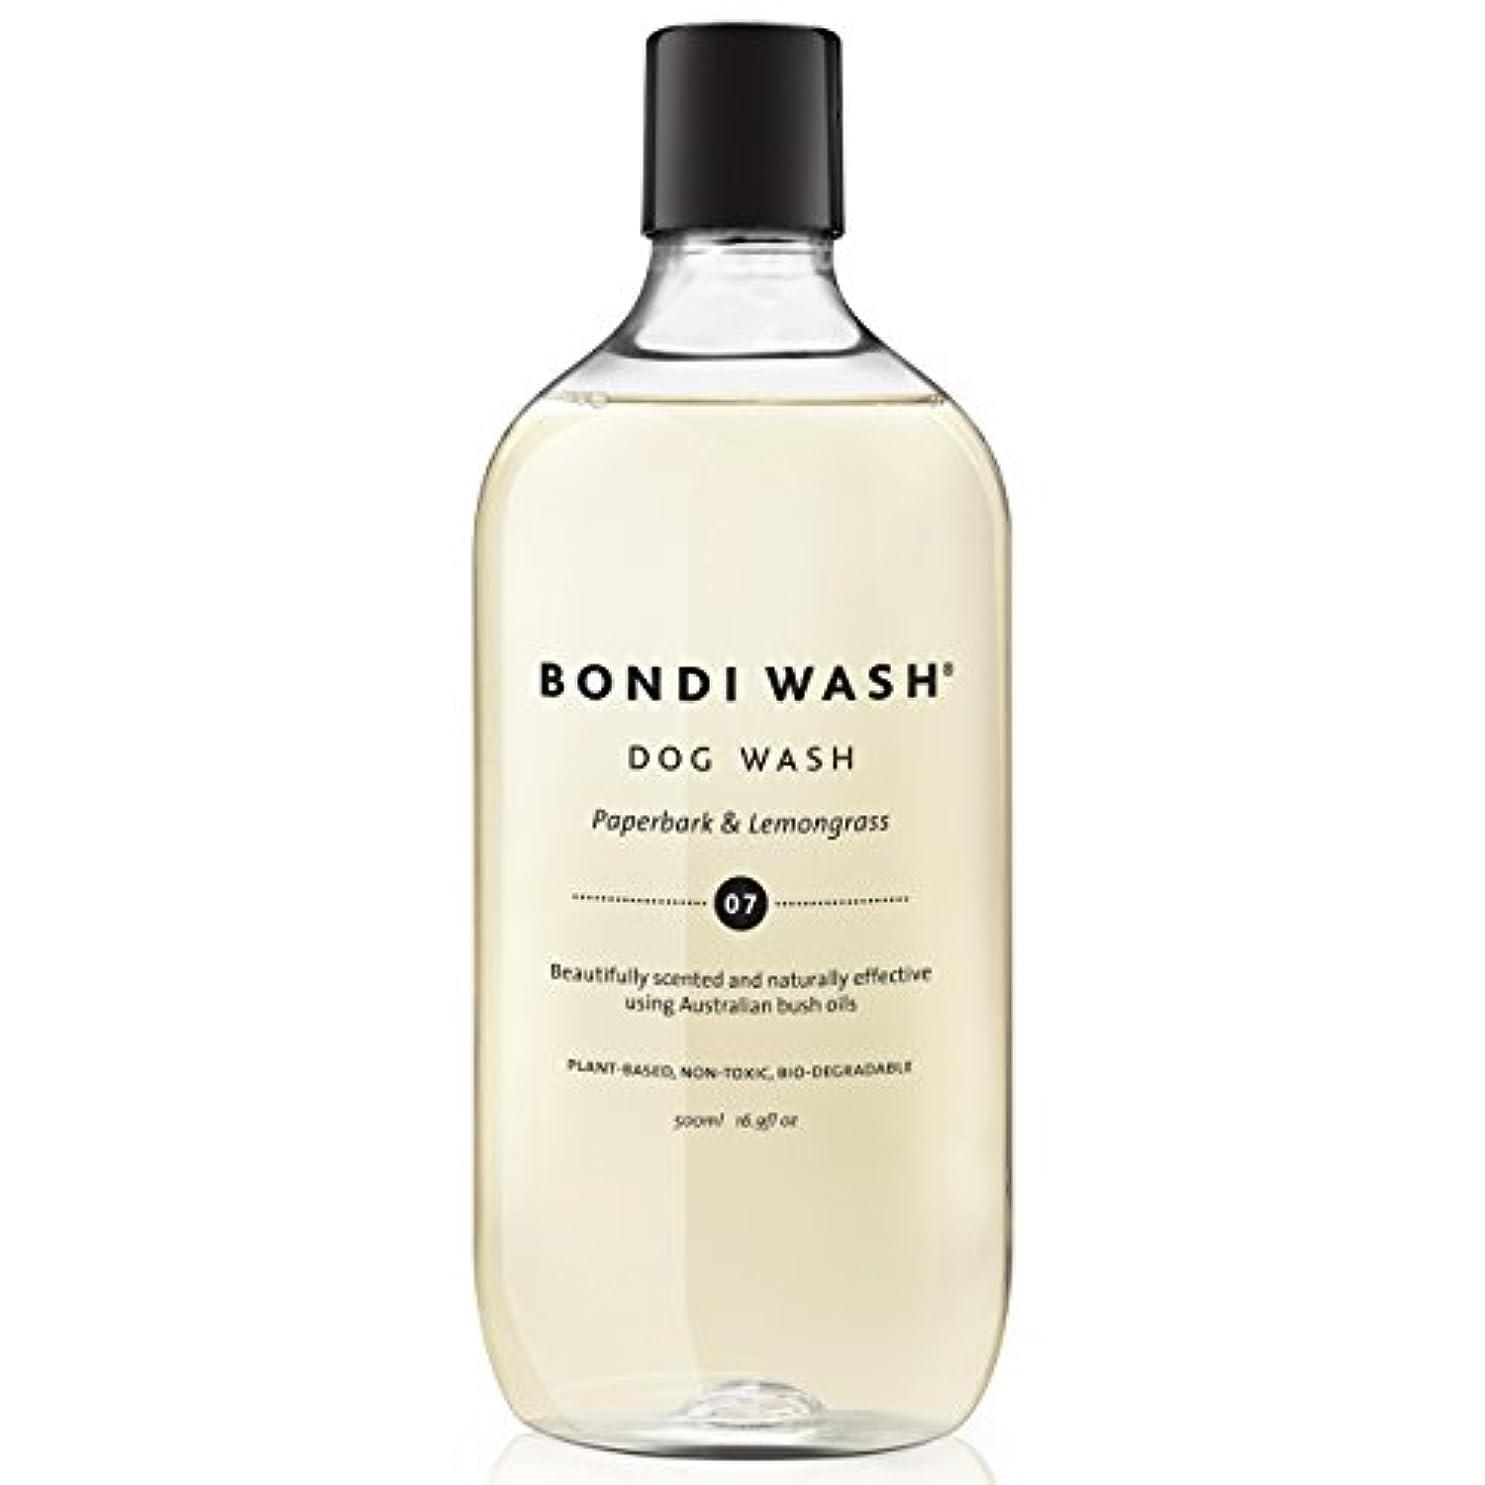 アッパー工場驚きBONDI WASH-ボンダイウォッシュ-ドッグウォッシュ ペイパーバーク&レモングラス (250ml)